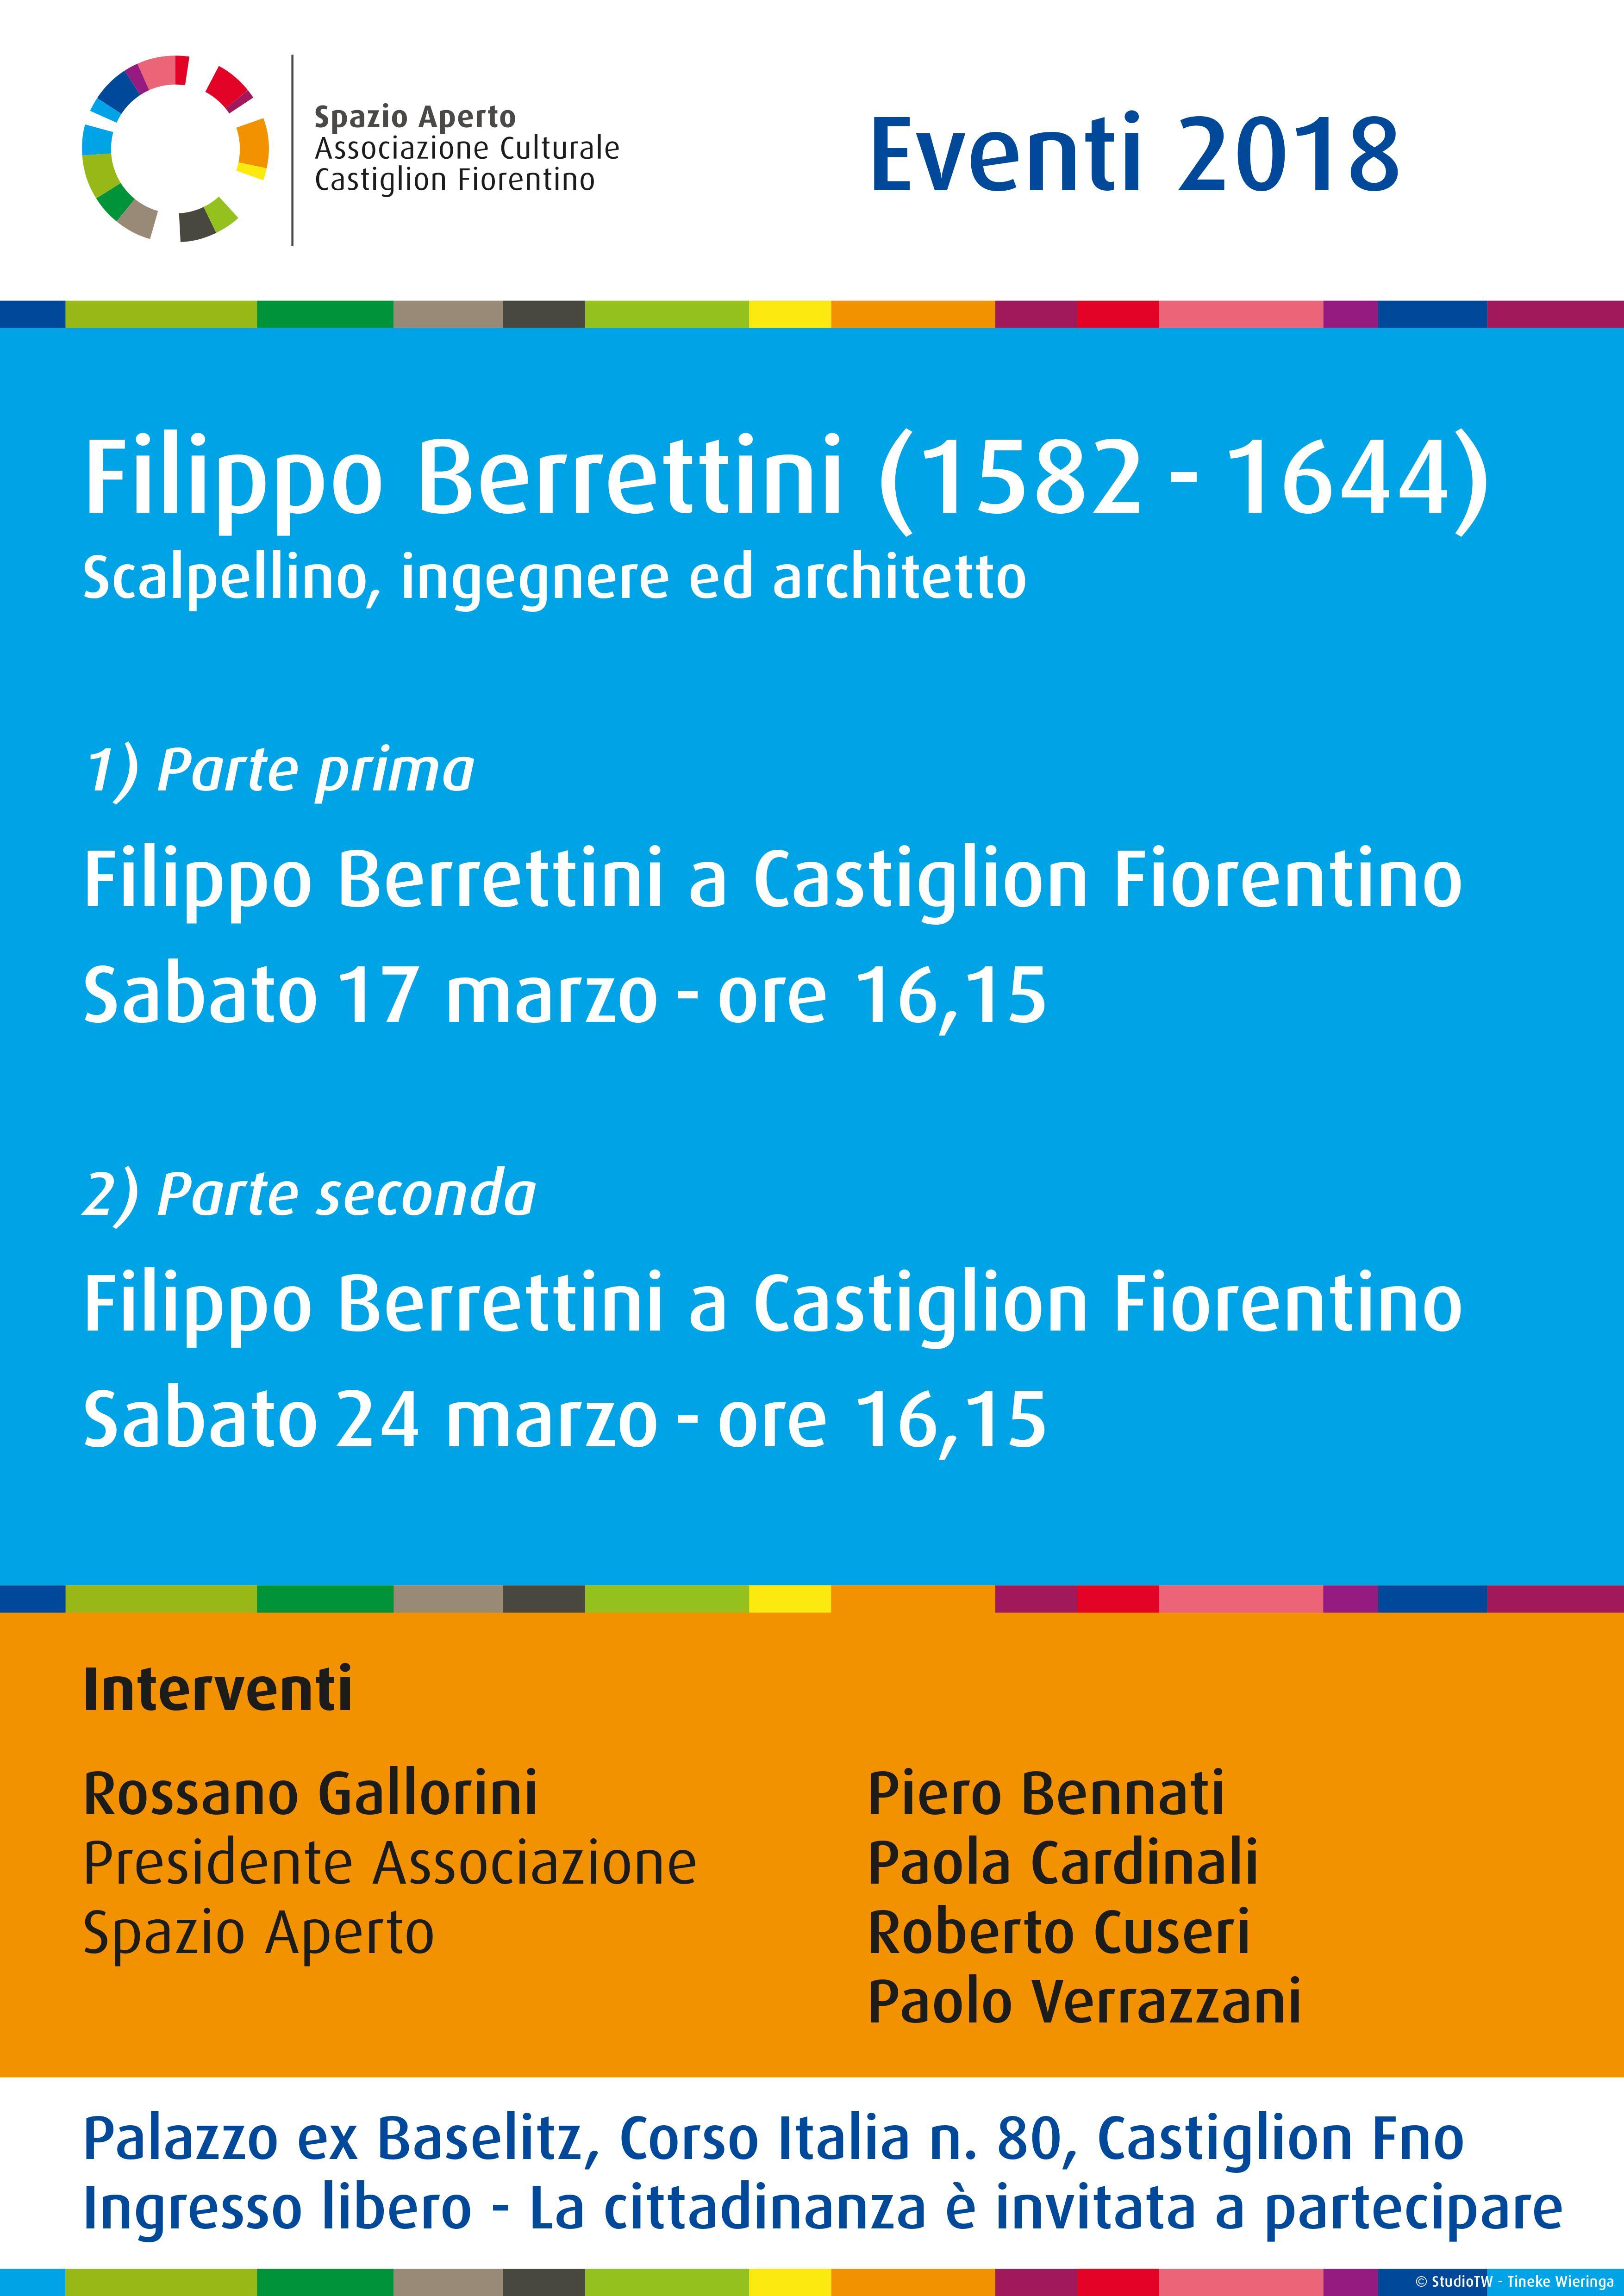 Vita e opere di Filippo Berrettini, incontro a Castiglion Fiorentino